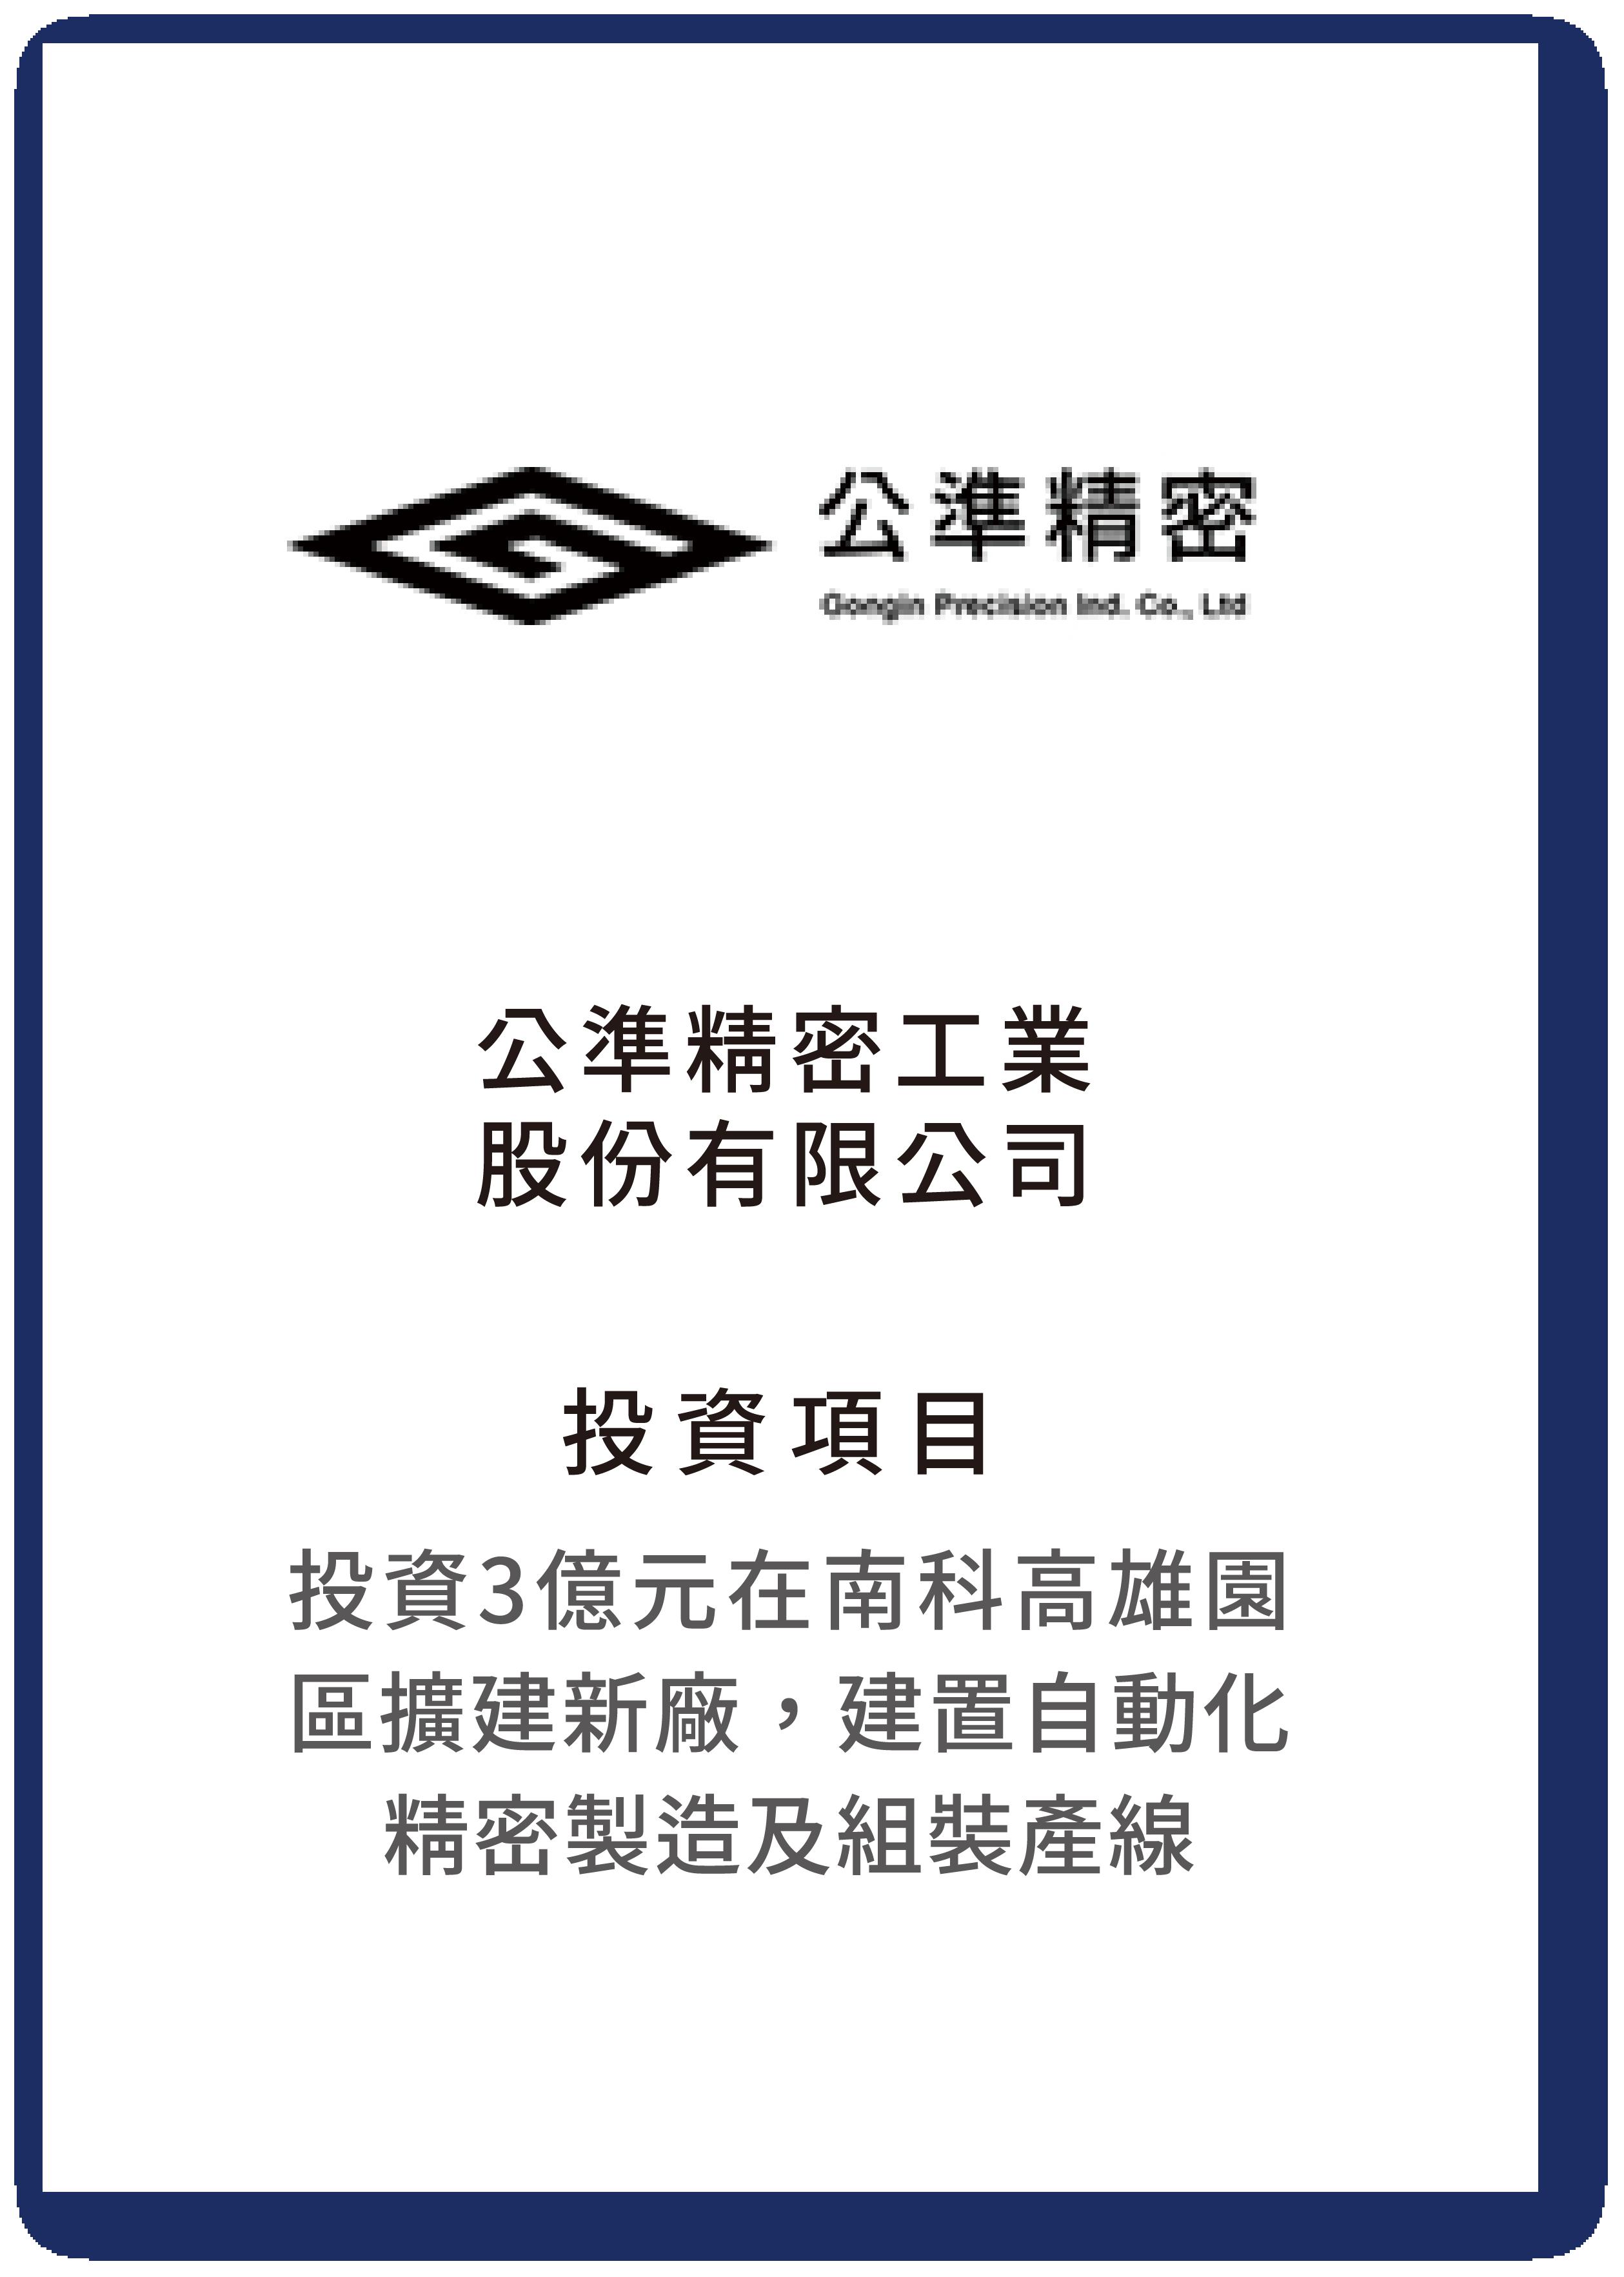 公準精密工業股份有限公司